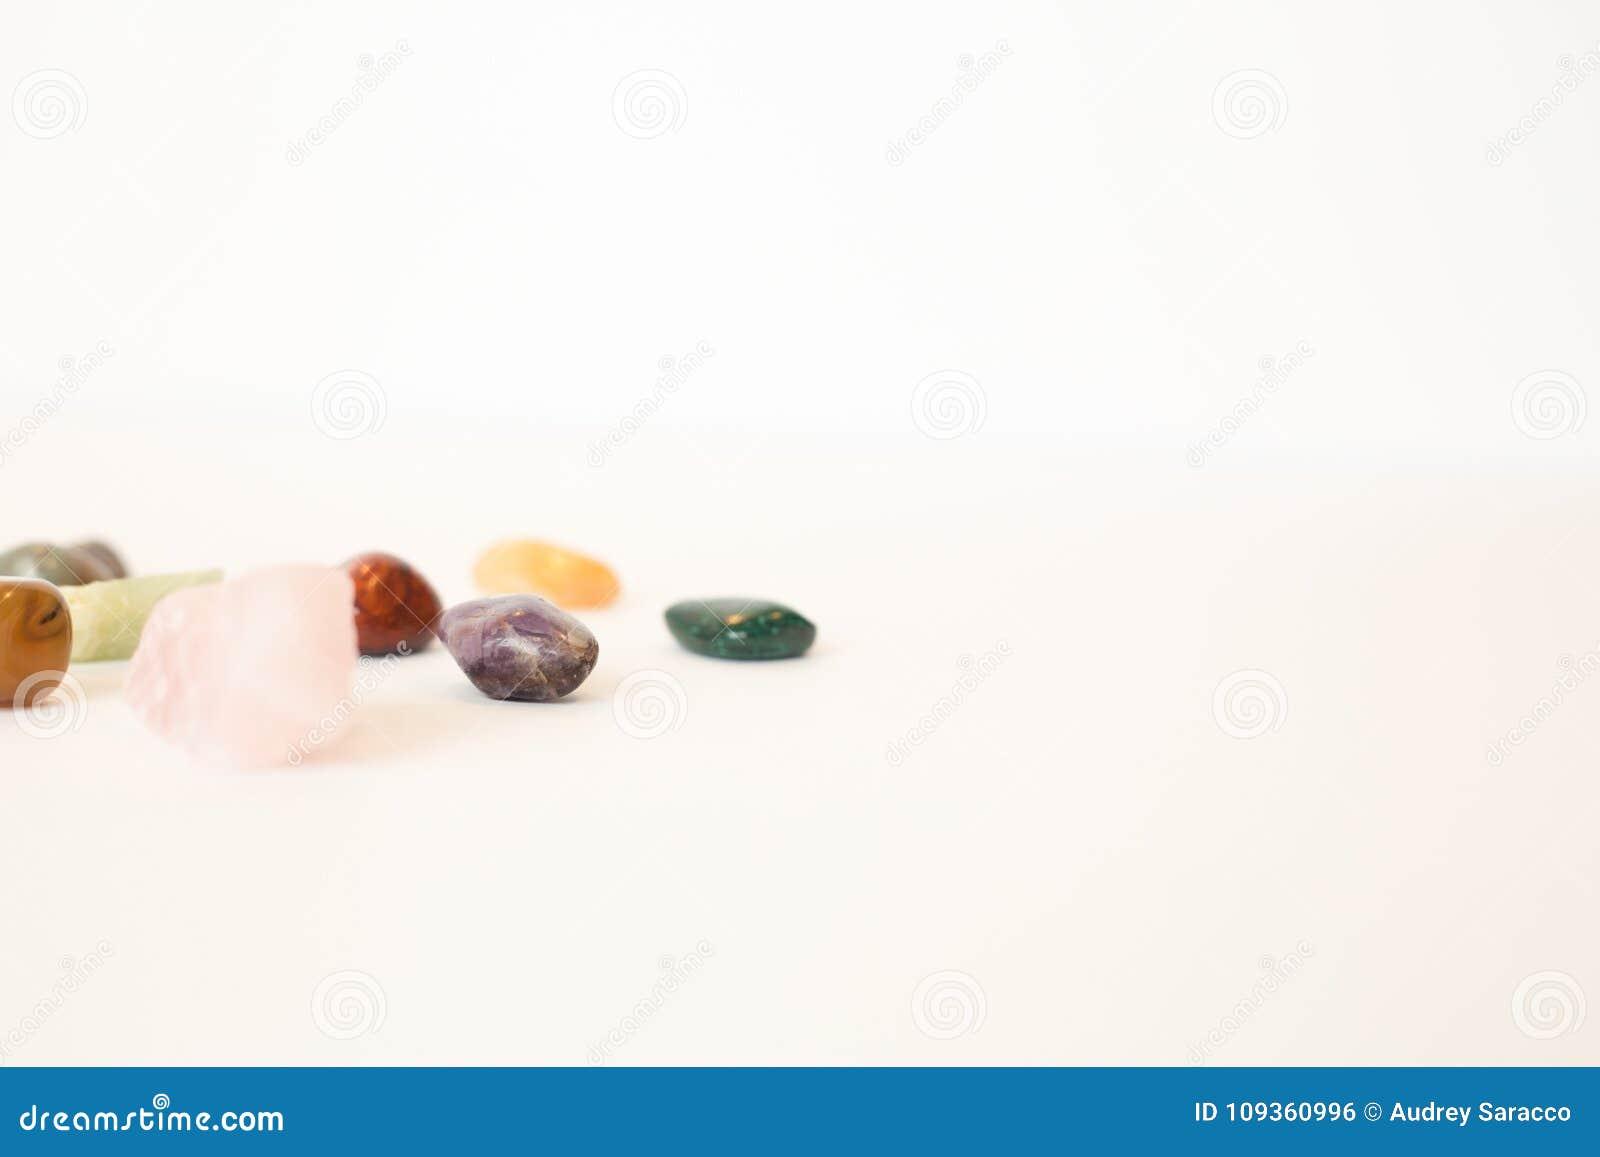 Healing Crystals shot in studio.